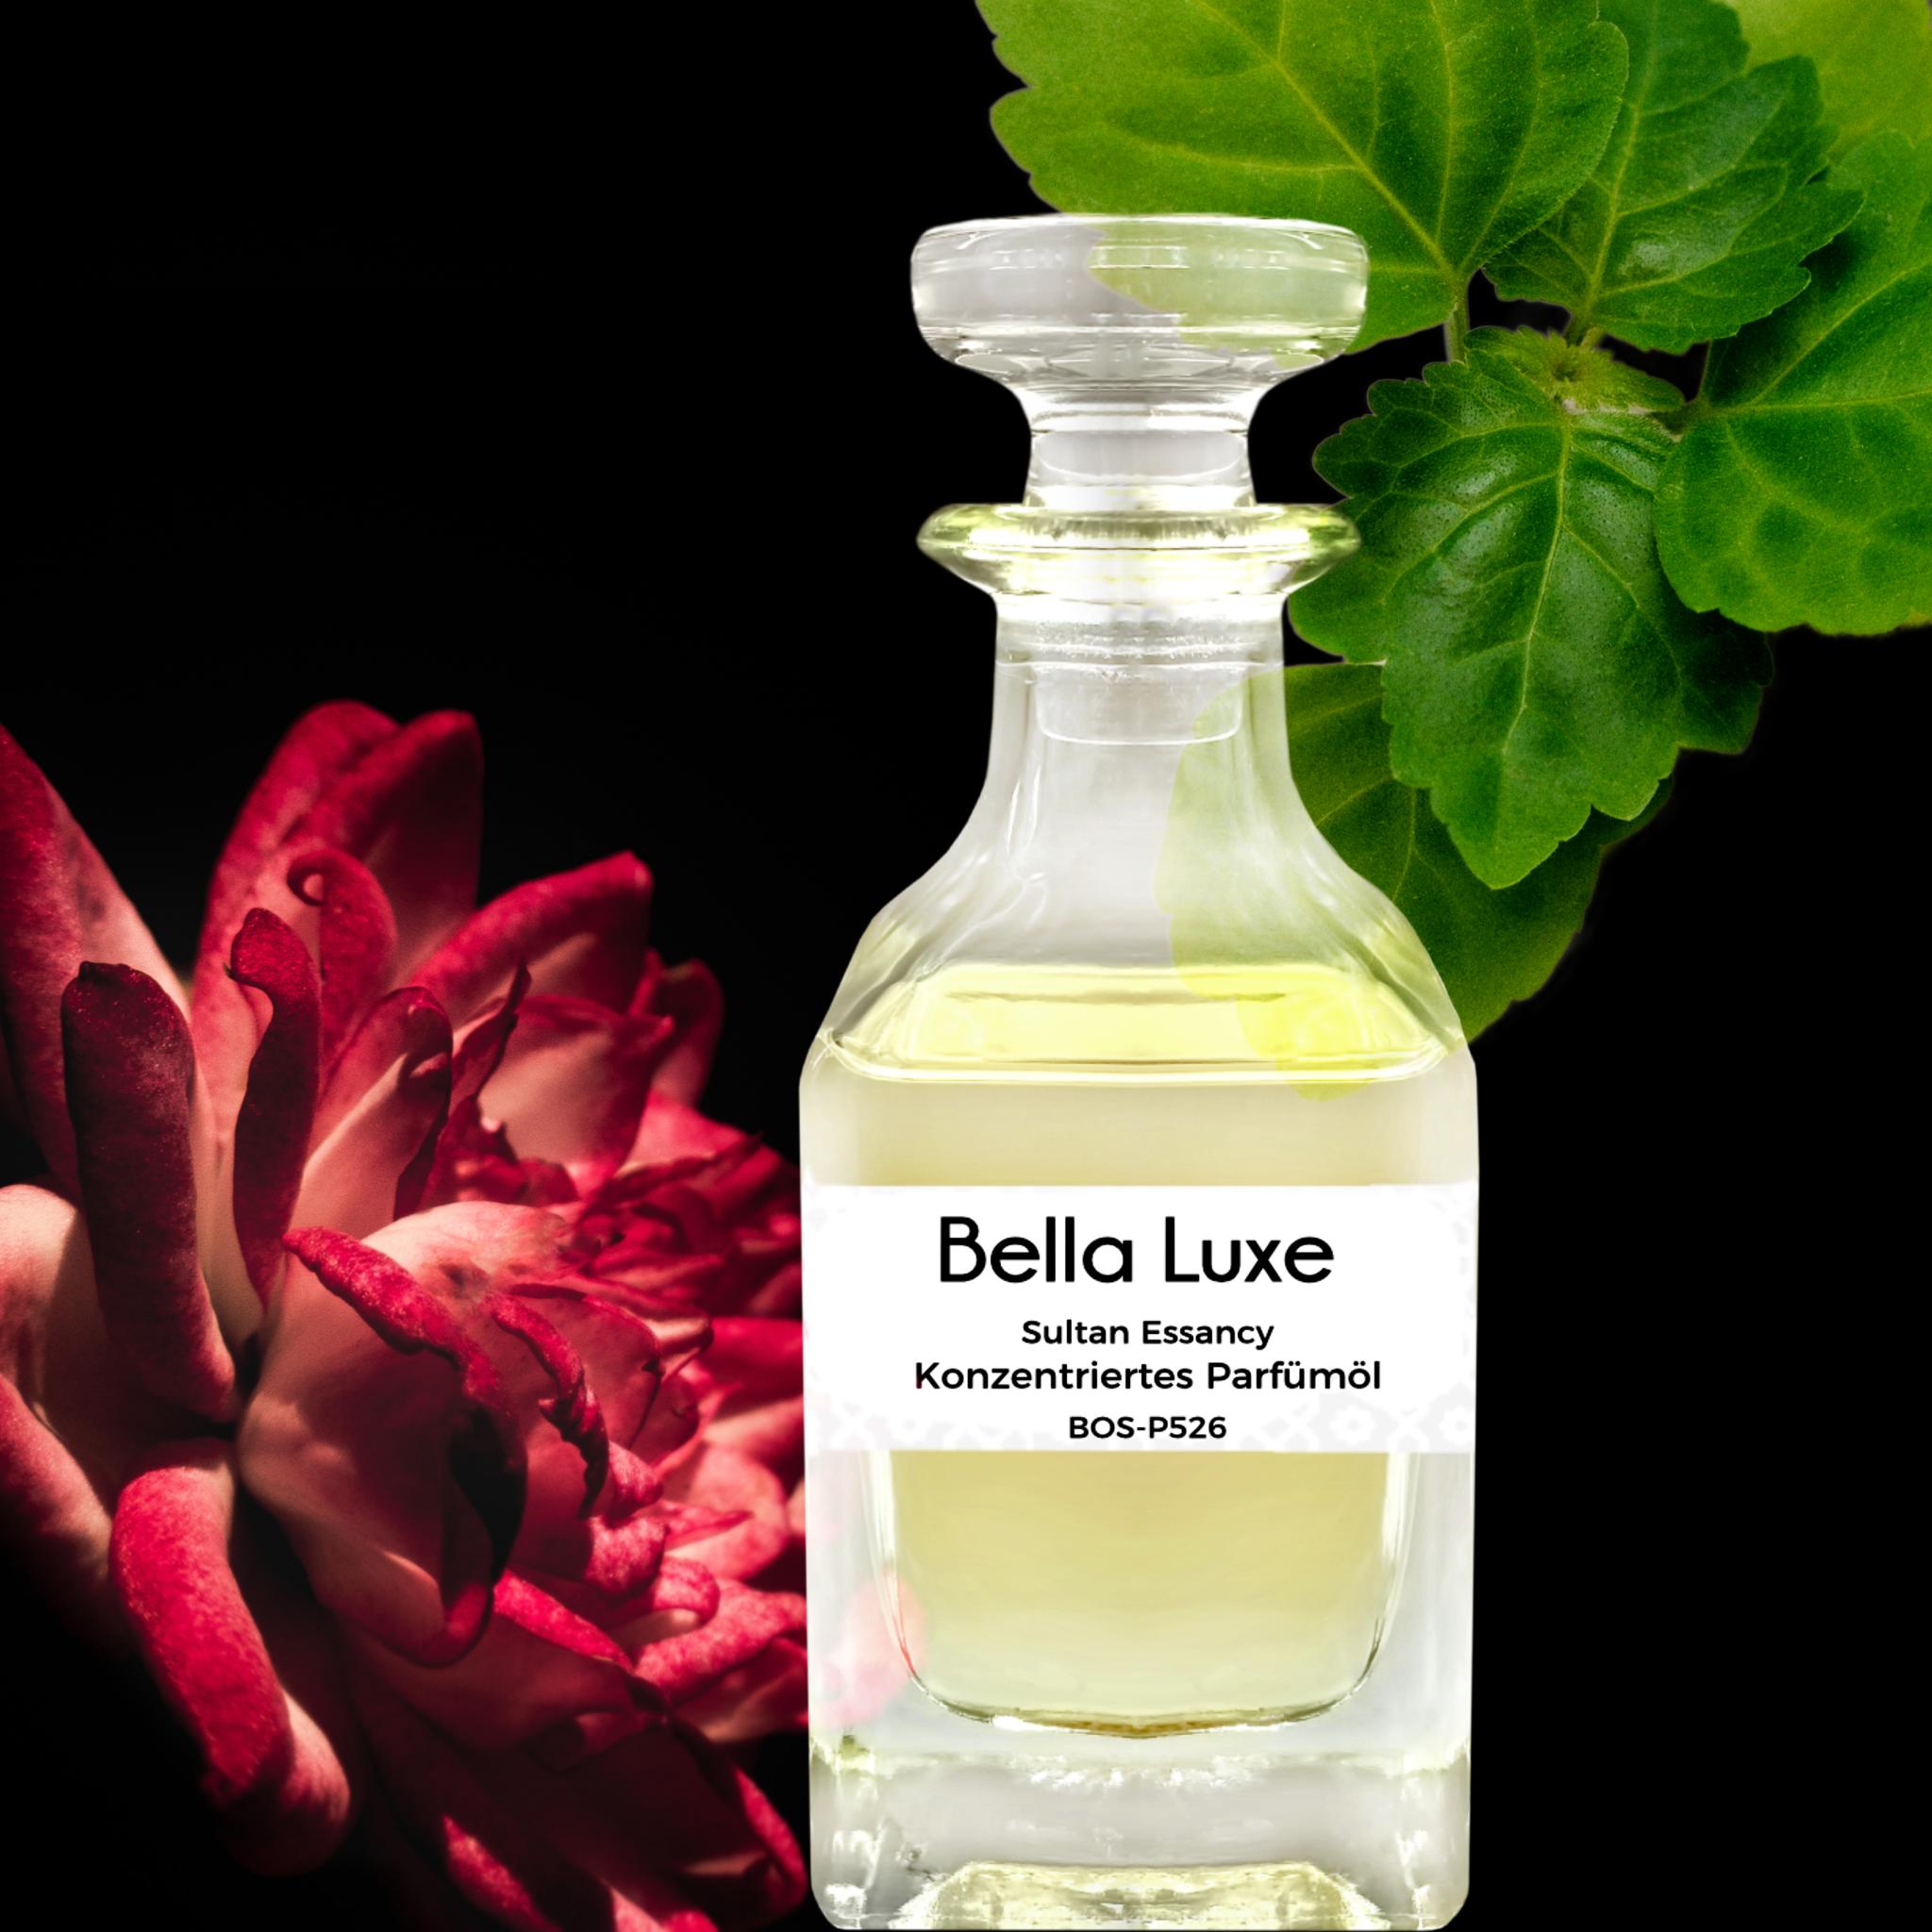 Parfümöl Attar Bella Luxe von Sultan Essancy